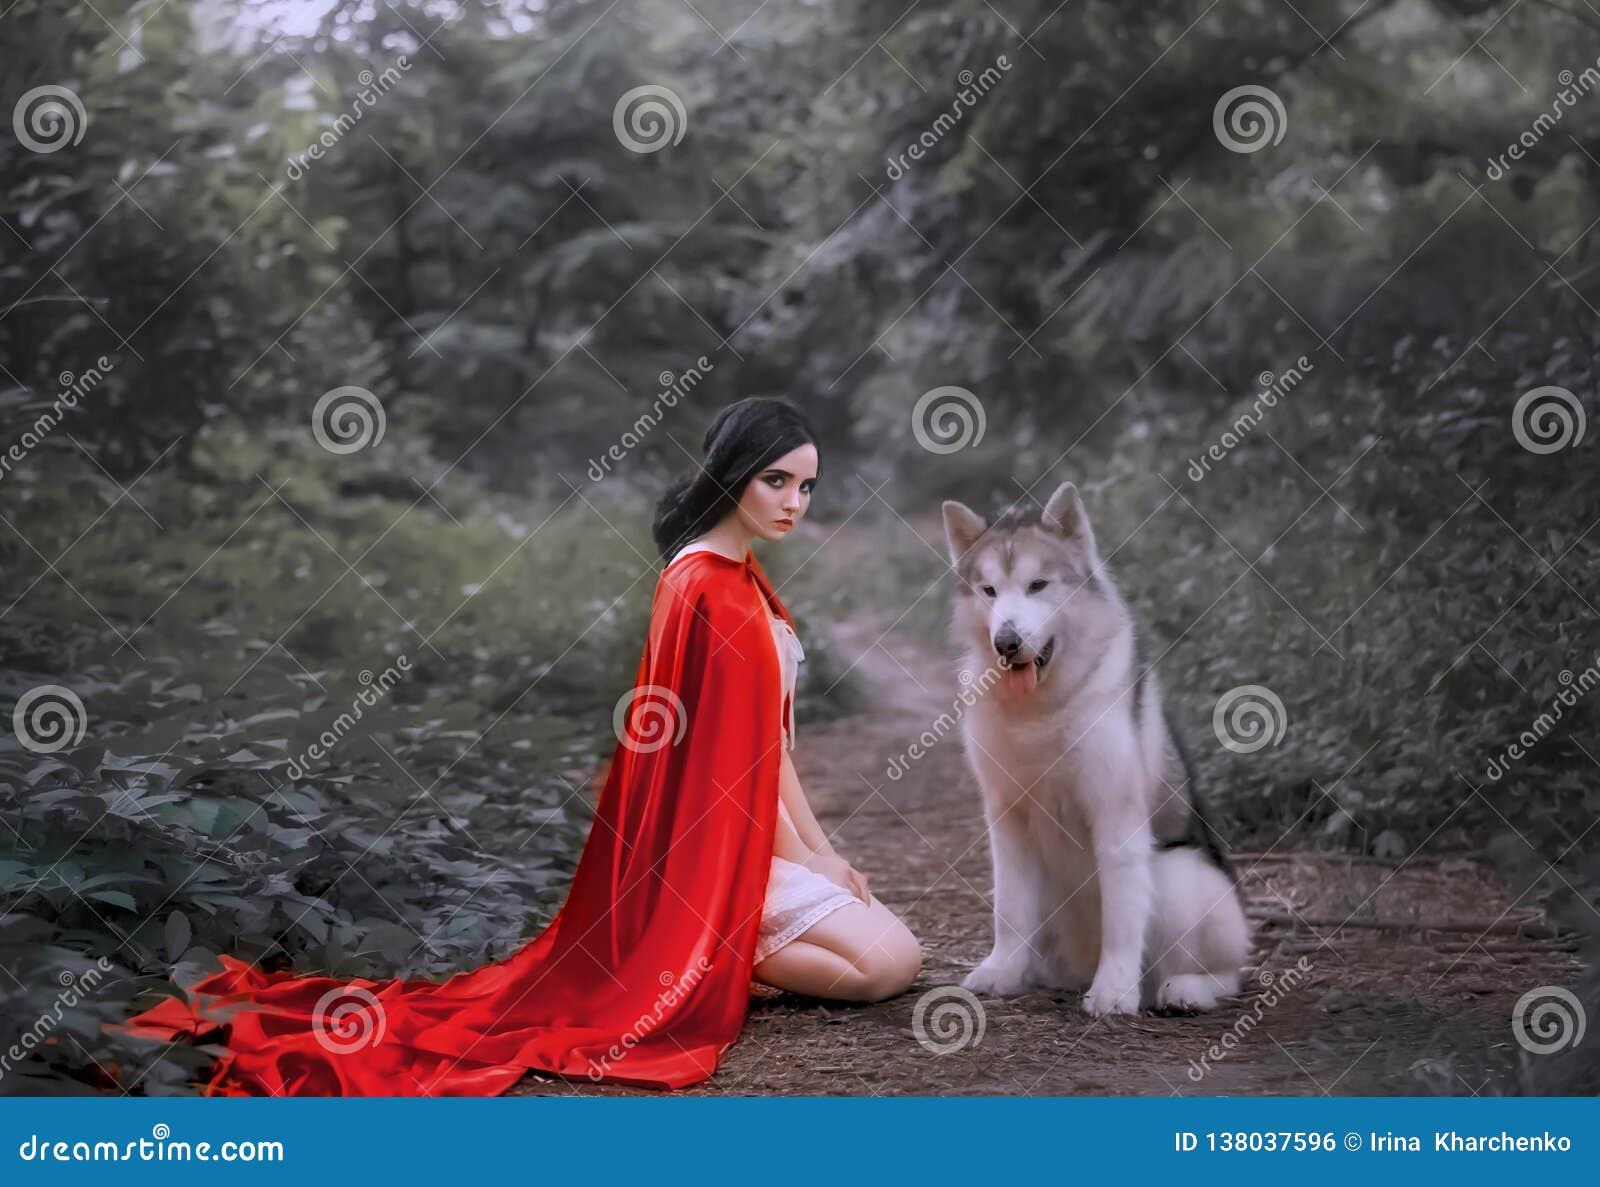 关于红色盖帽,地面的深色头发的女孩的童话当中在短的白光礼服的,长的猩红色斗篷厚实的森林里